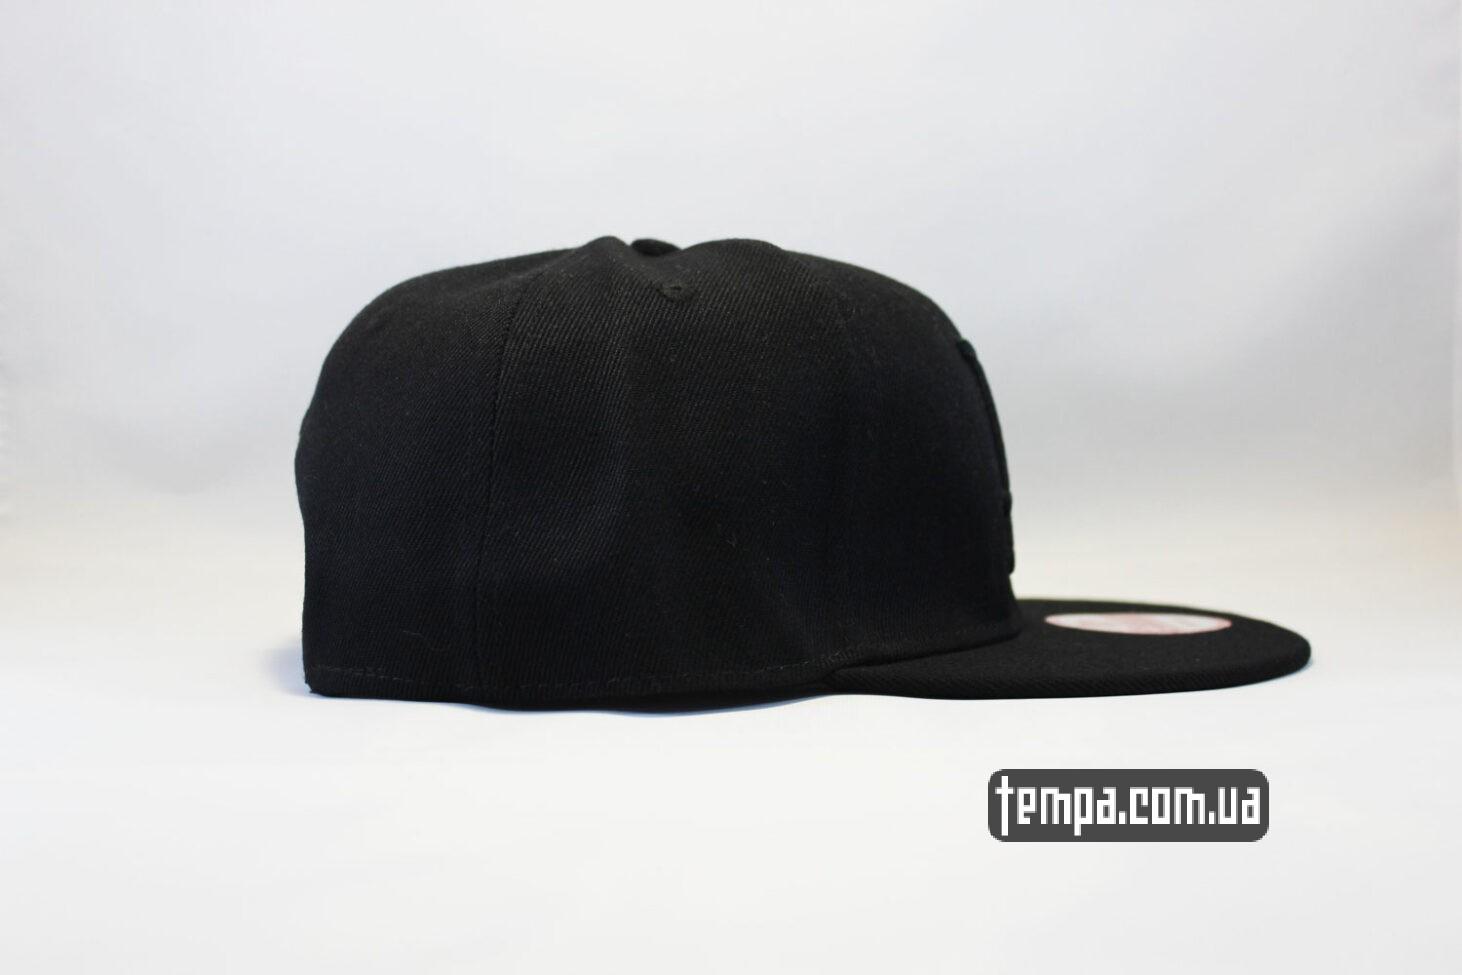 реперка реперская бейсболка кепка snapback LA Los Angeles New Era 9fifty черная на черном